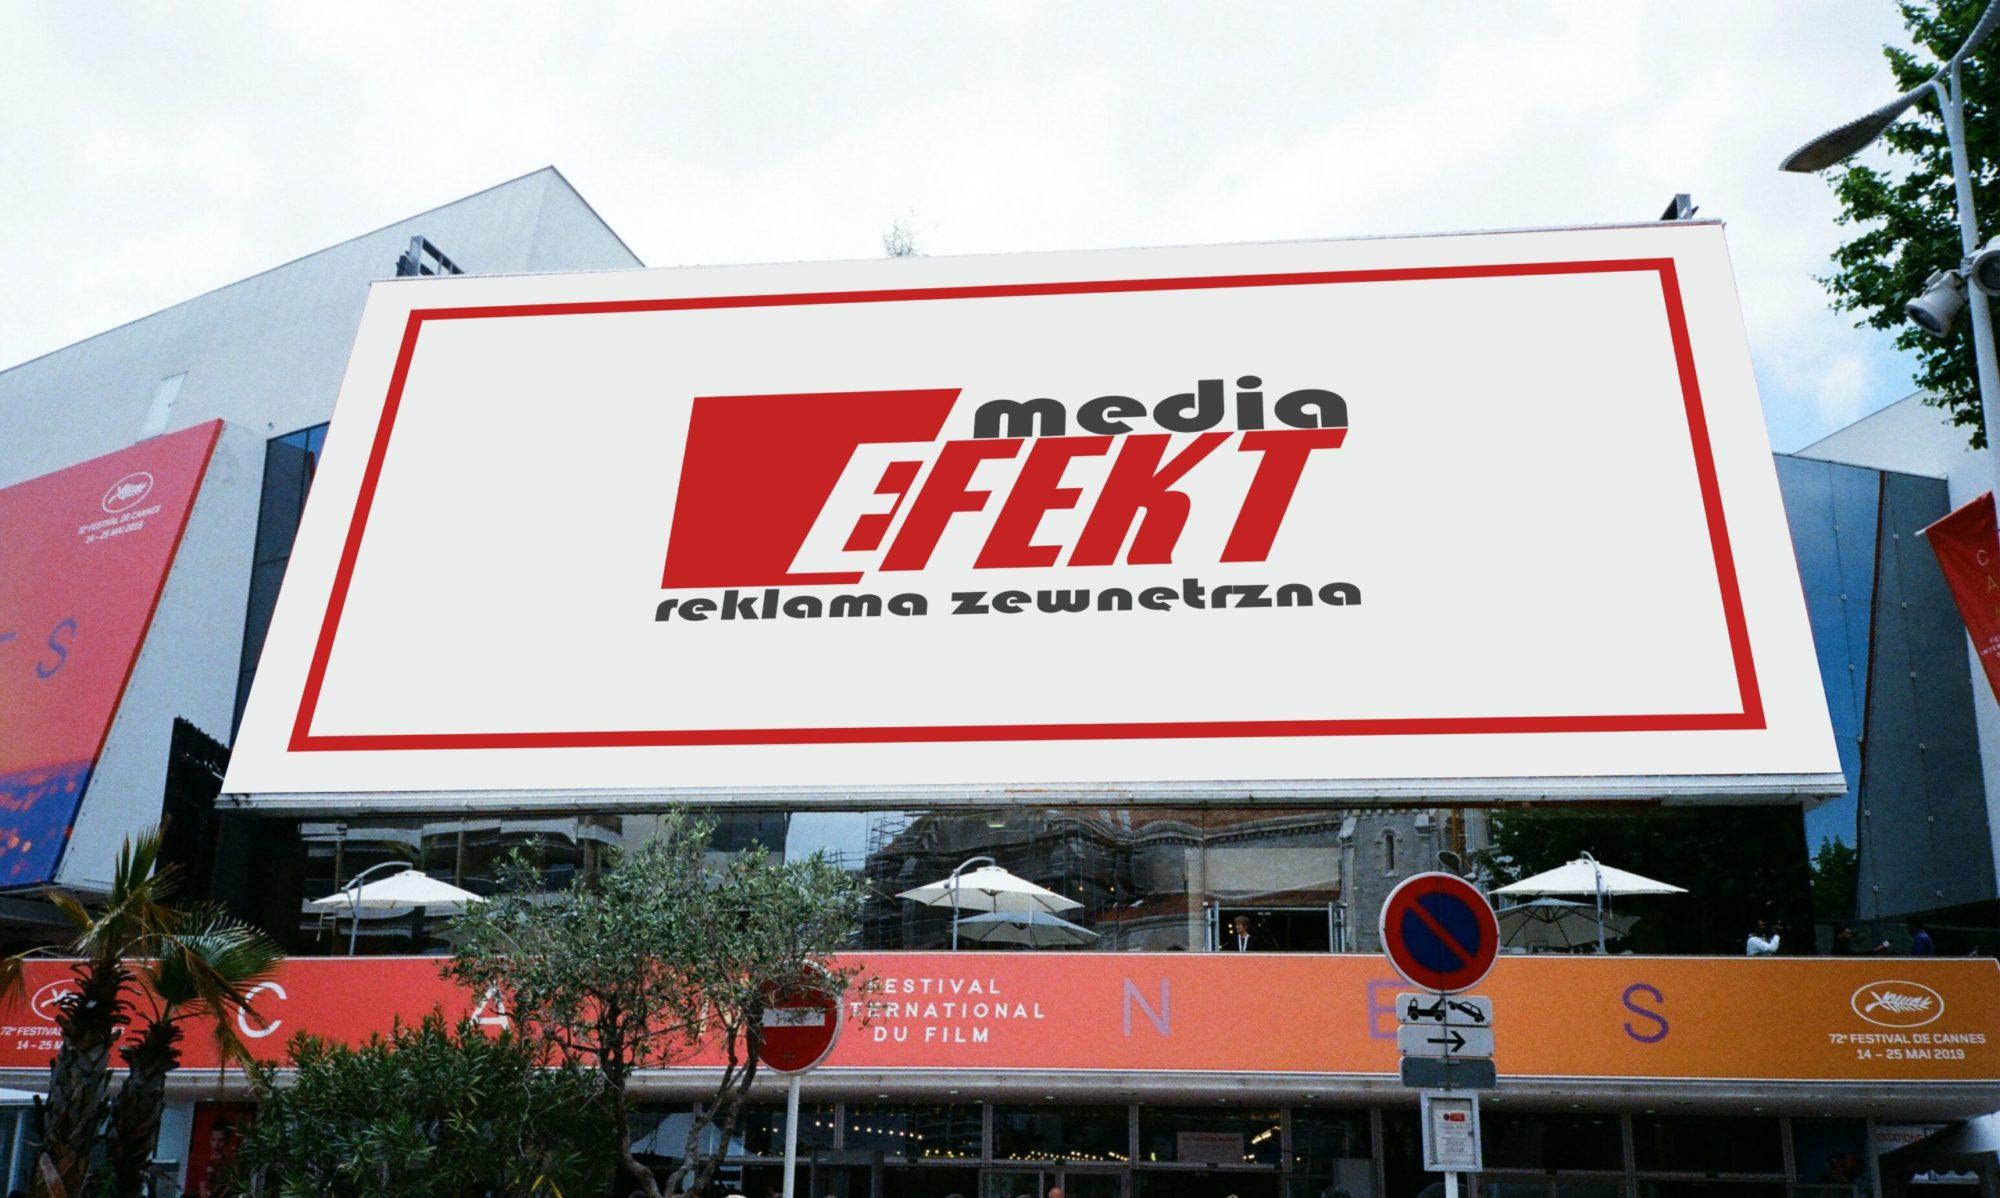 Media Efekt - Świętochłowice - Śląsk